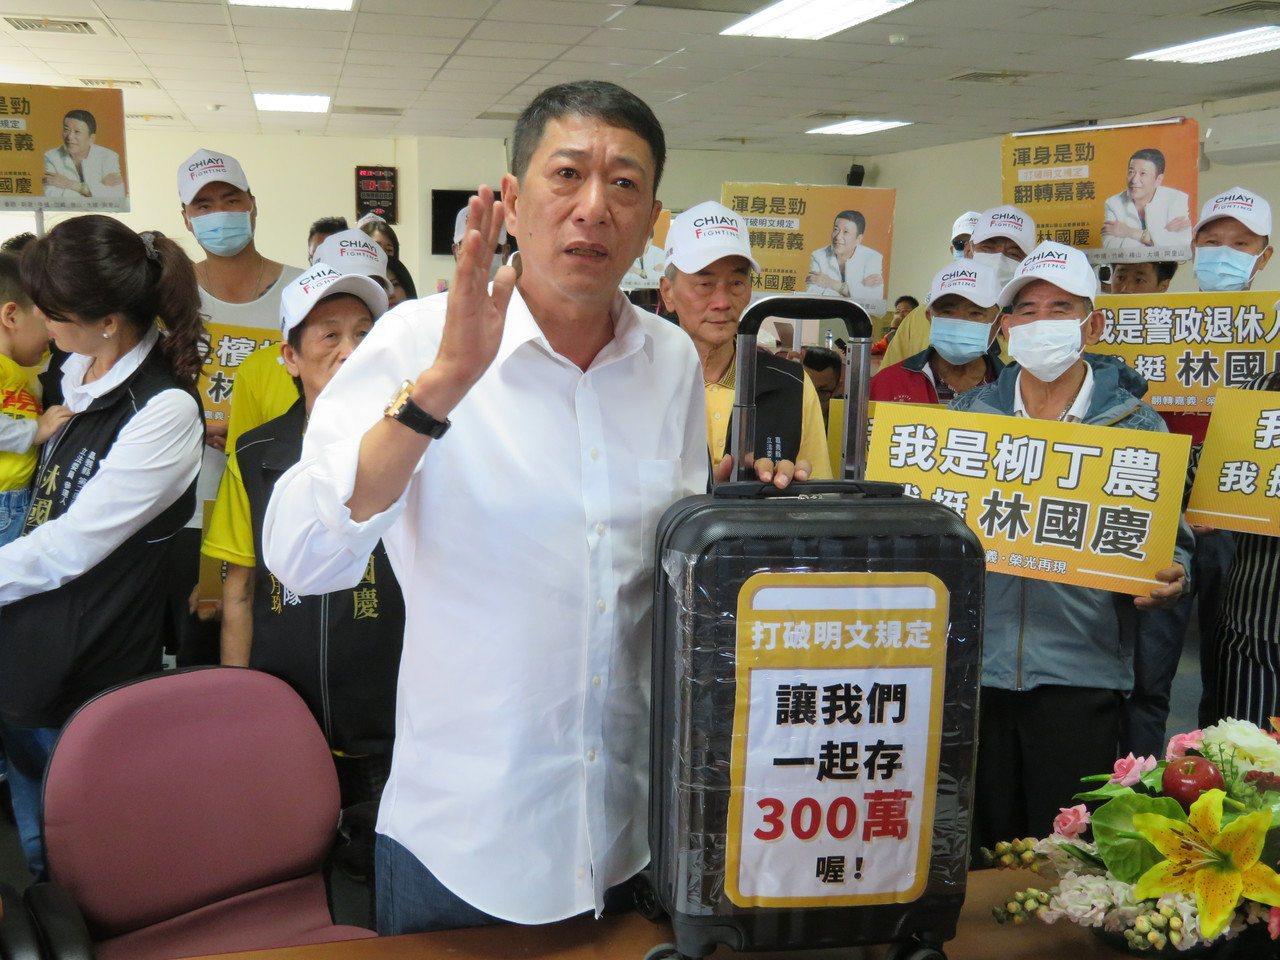 無黨立委參選人林國慶。圖/聯合報資料照片